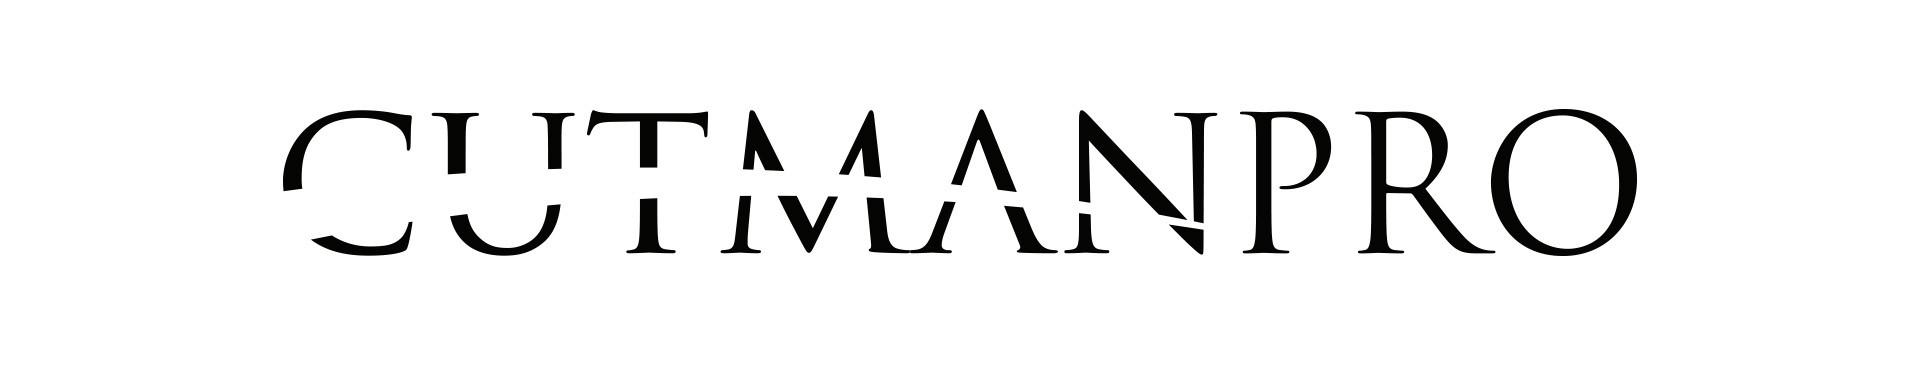 2020_04_sponsor_Cutman_logo.jpg